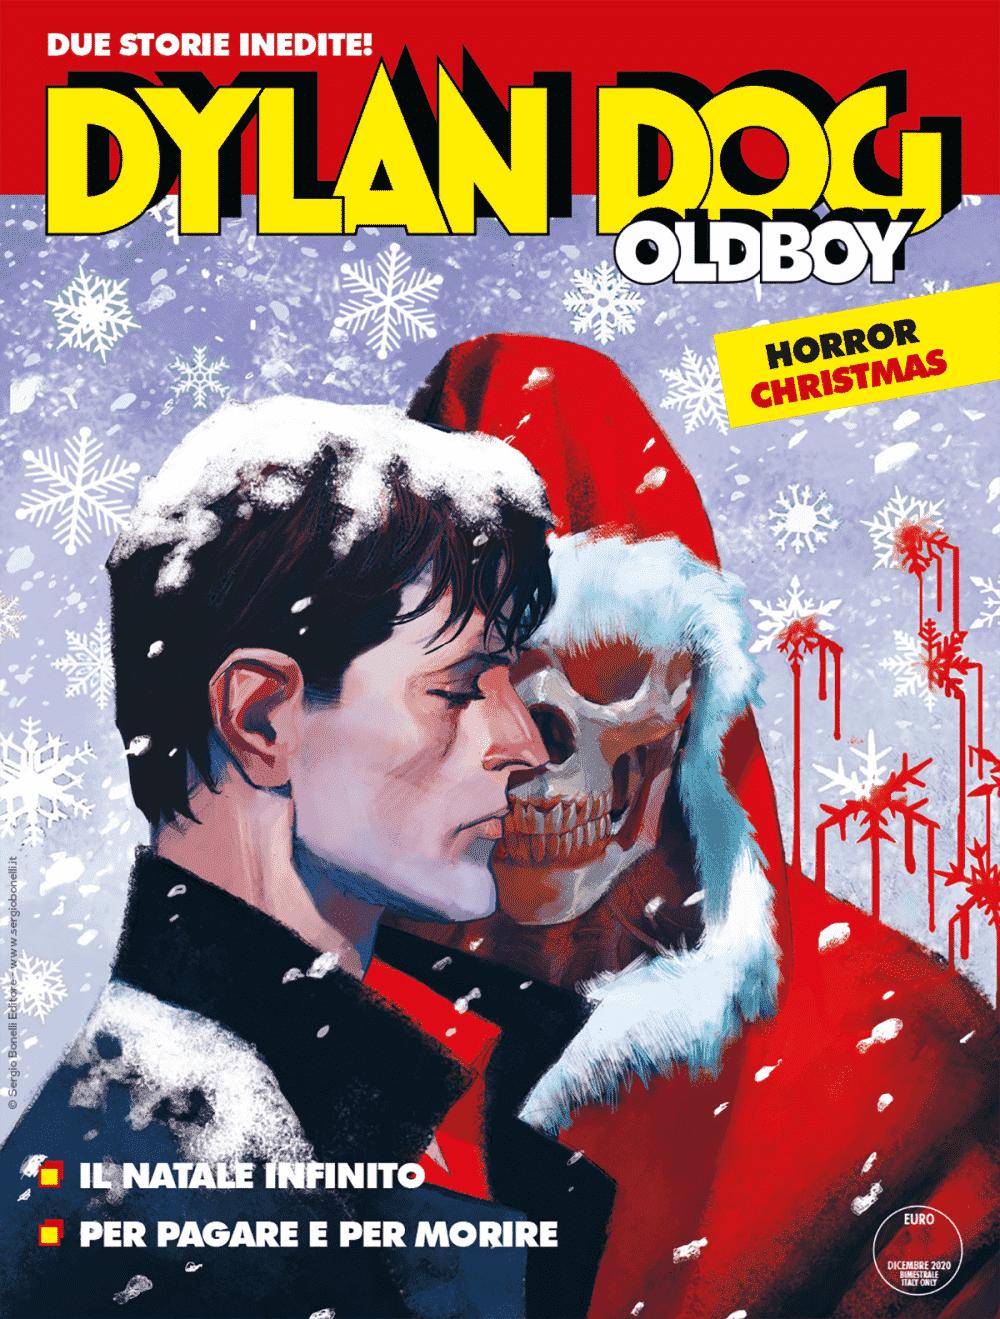 DYLAN DOG OLDBOY 4, Sergio Bonelli Editore